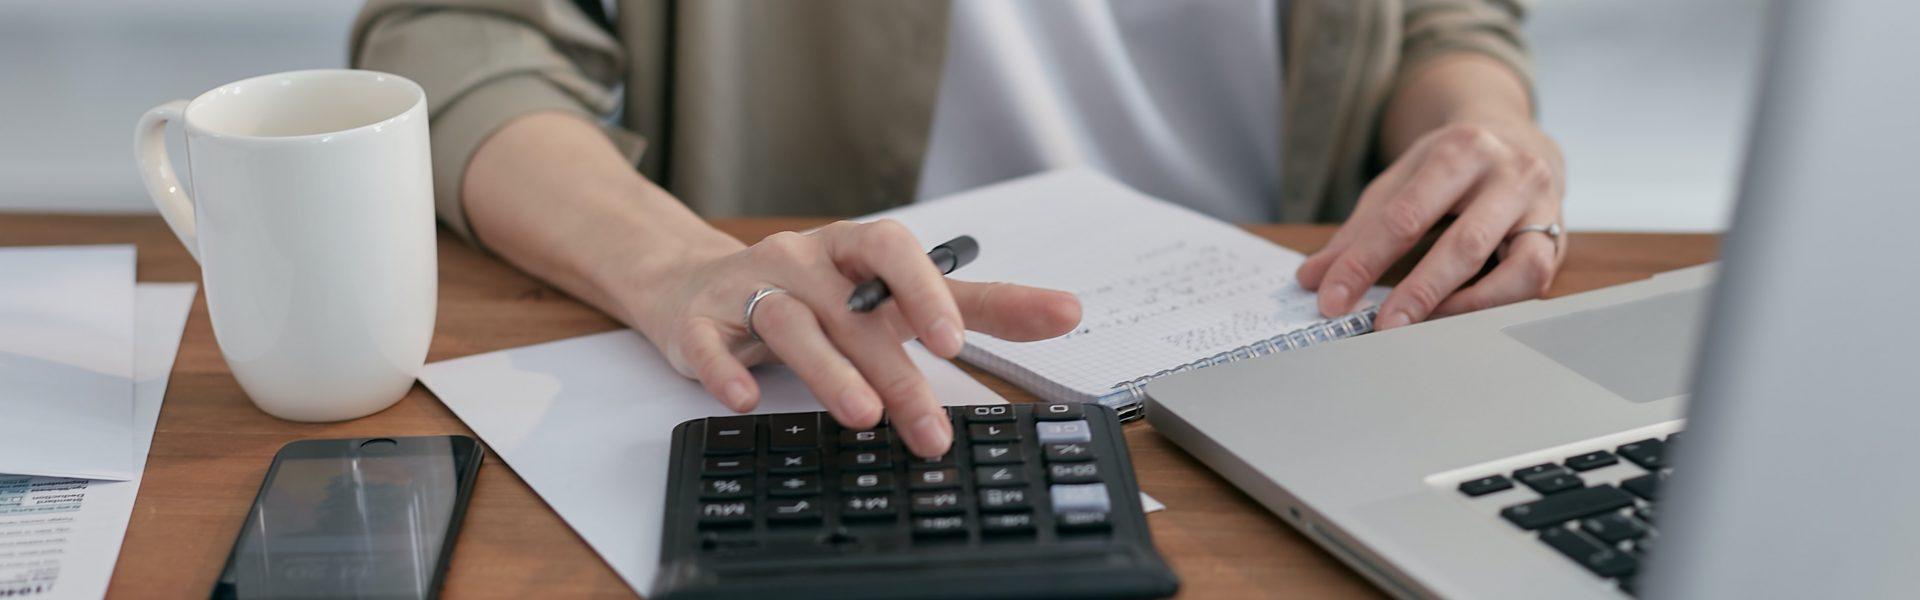 oneCentral verandert proces facturering aan partners en klanten